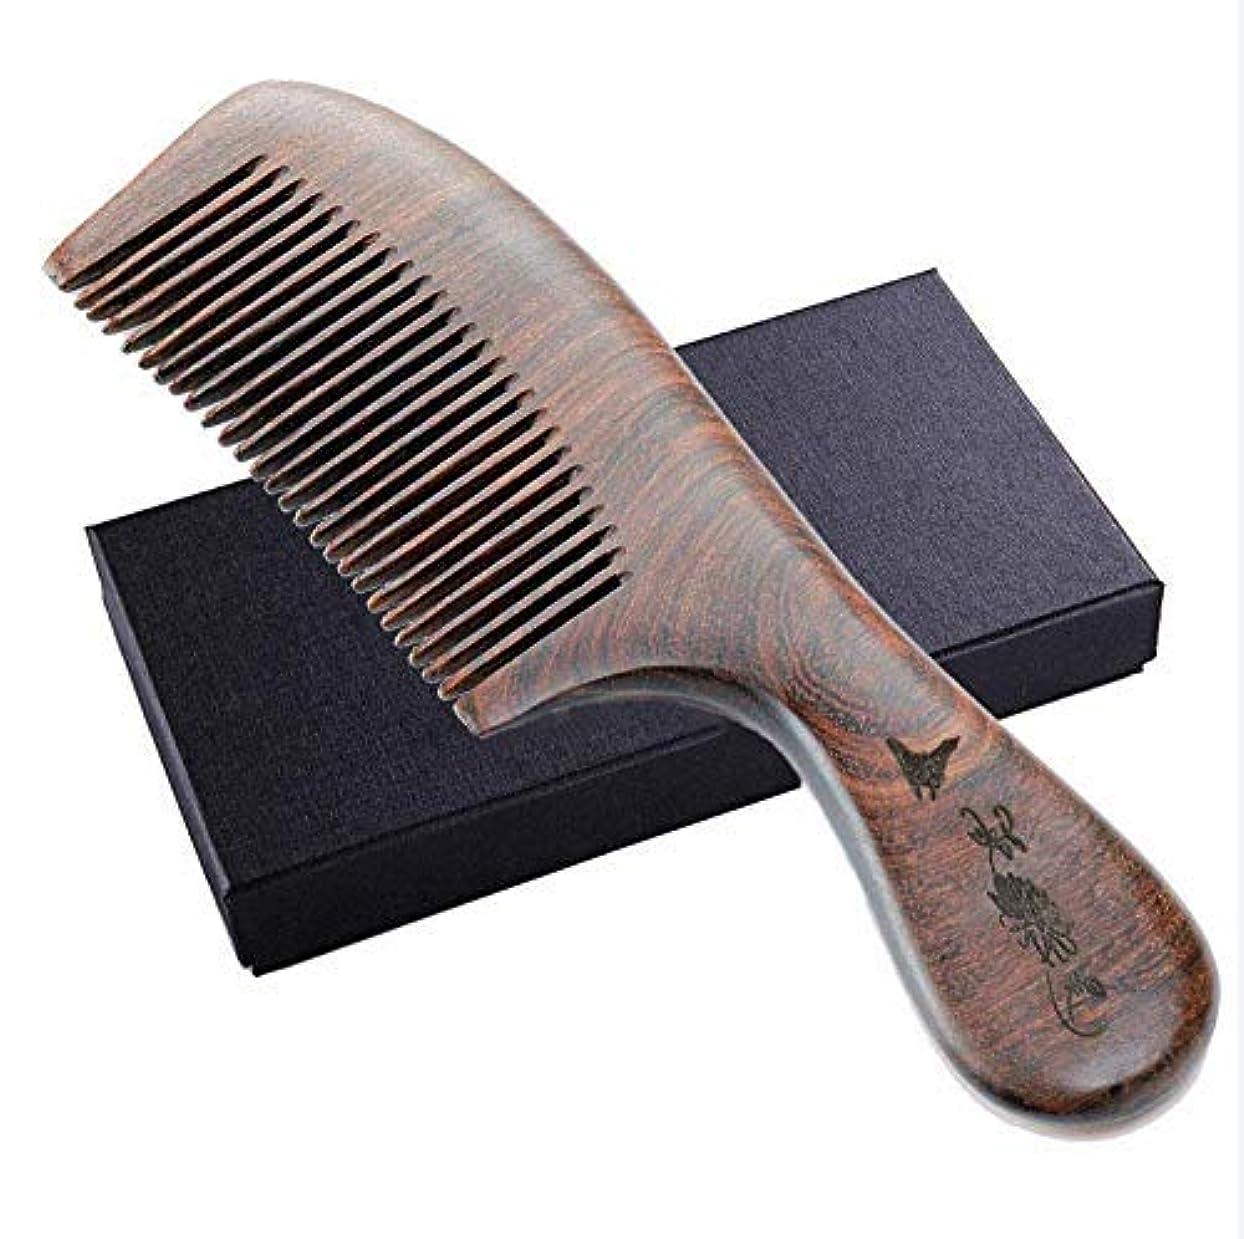 オン前奏曲終了するWooden Hair Comb, Anti-Static, Detangling Fine Tooth Shower Comb,No Static Natural Wooden Sandalwood Comb for...